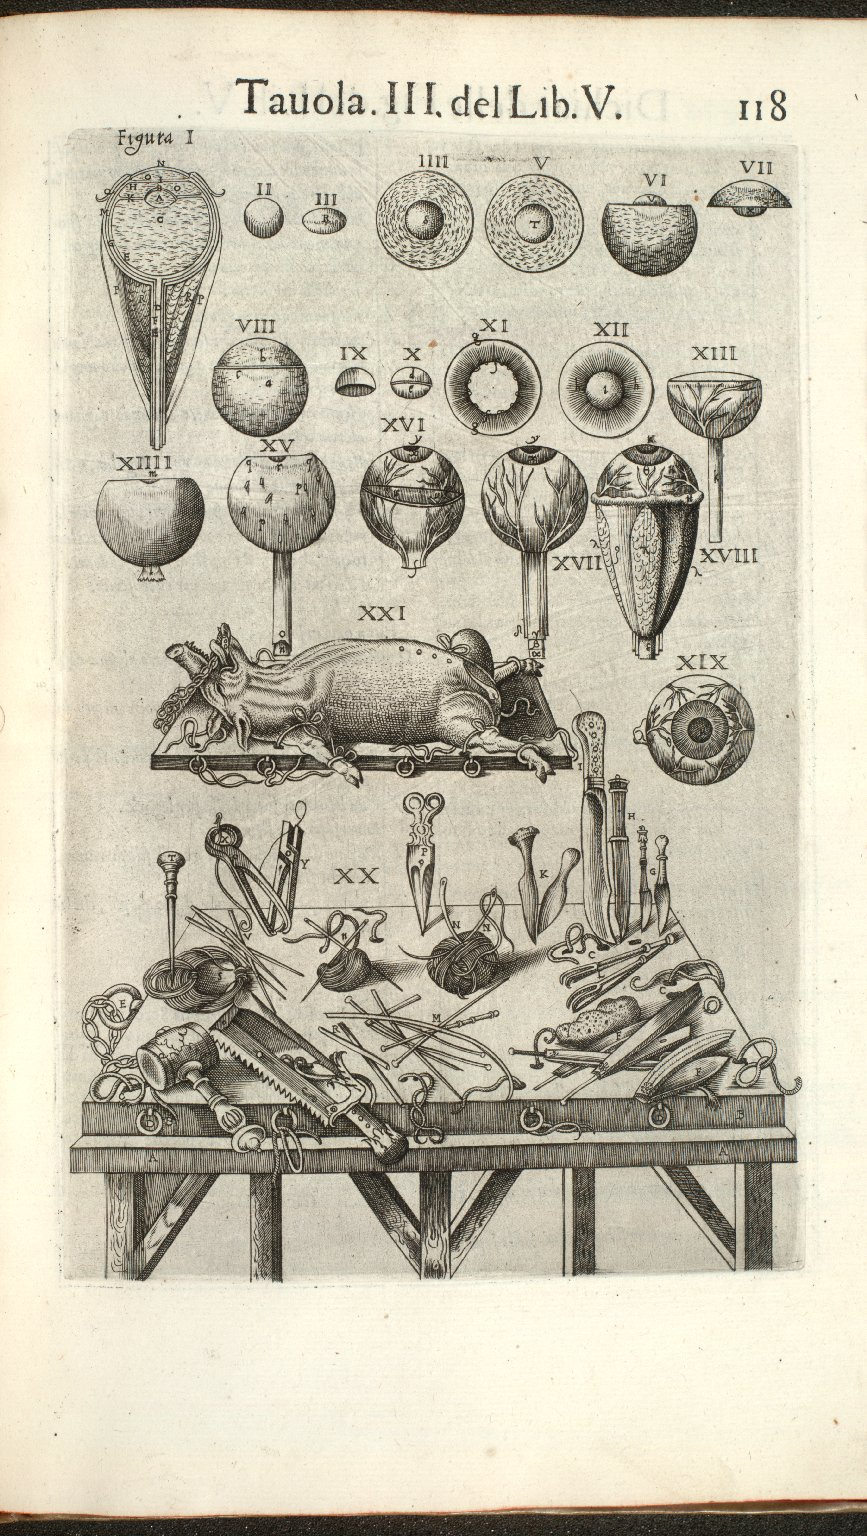 Tavola III del Lib. V